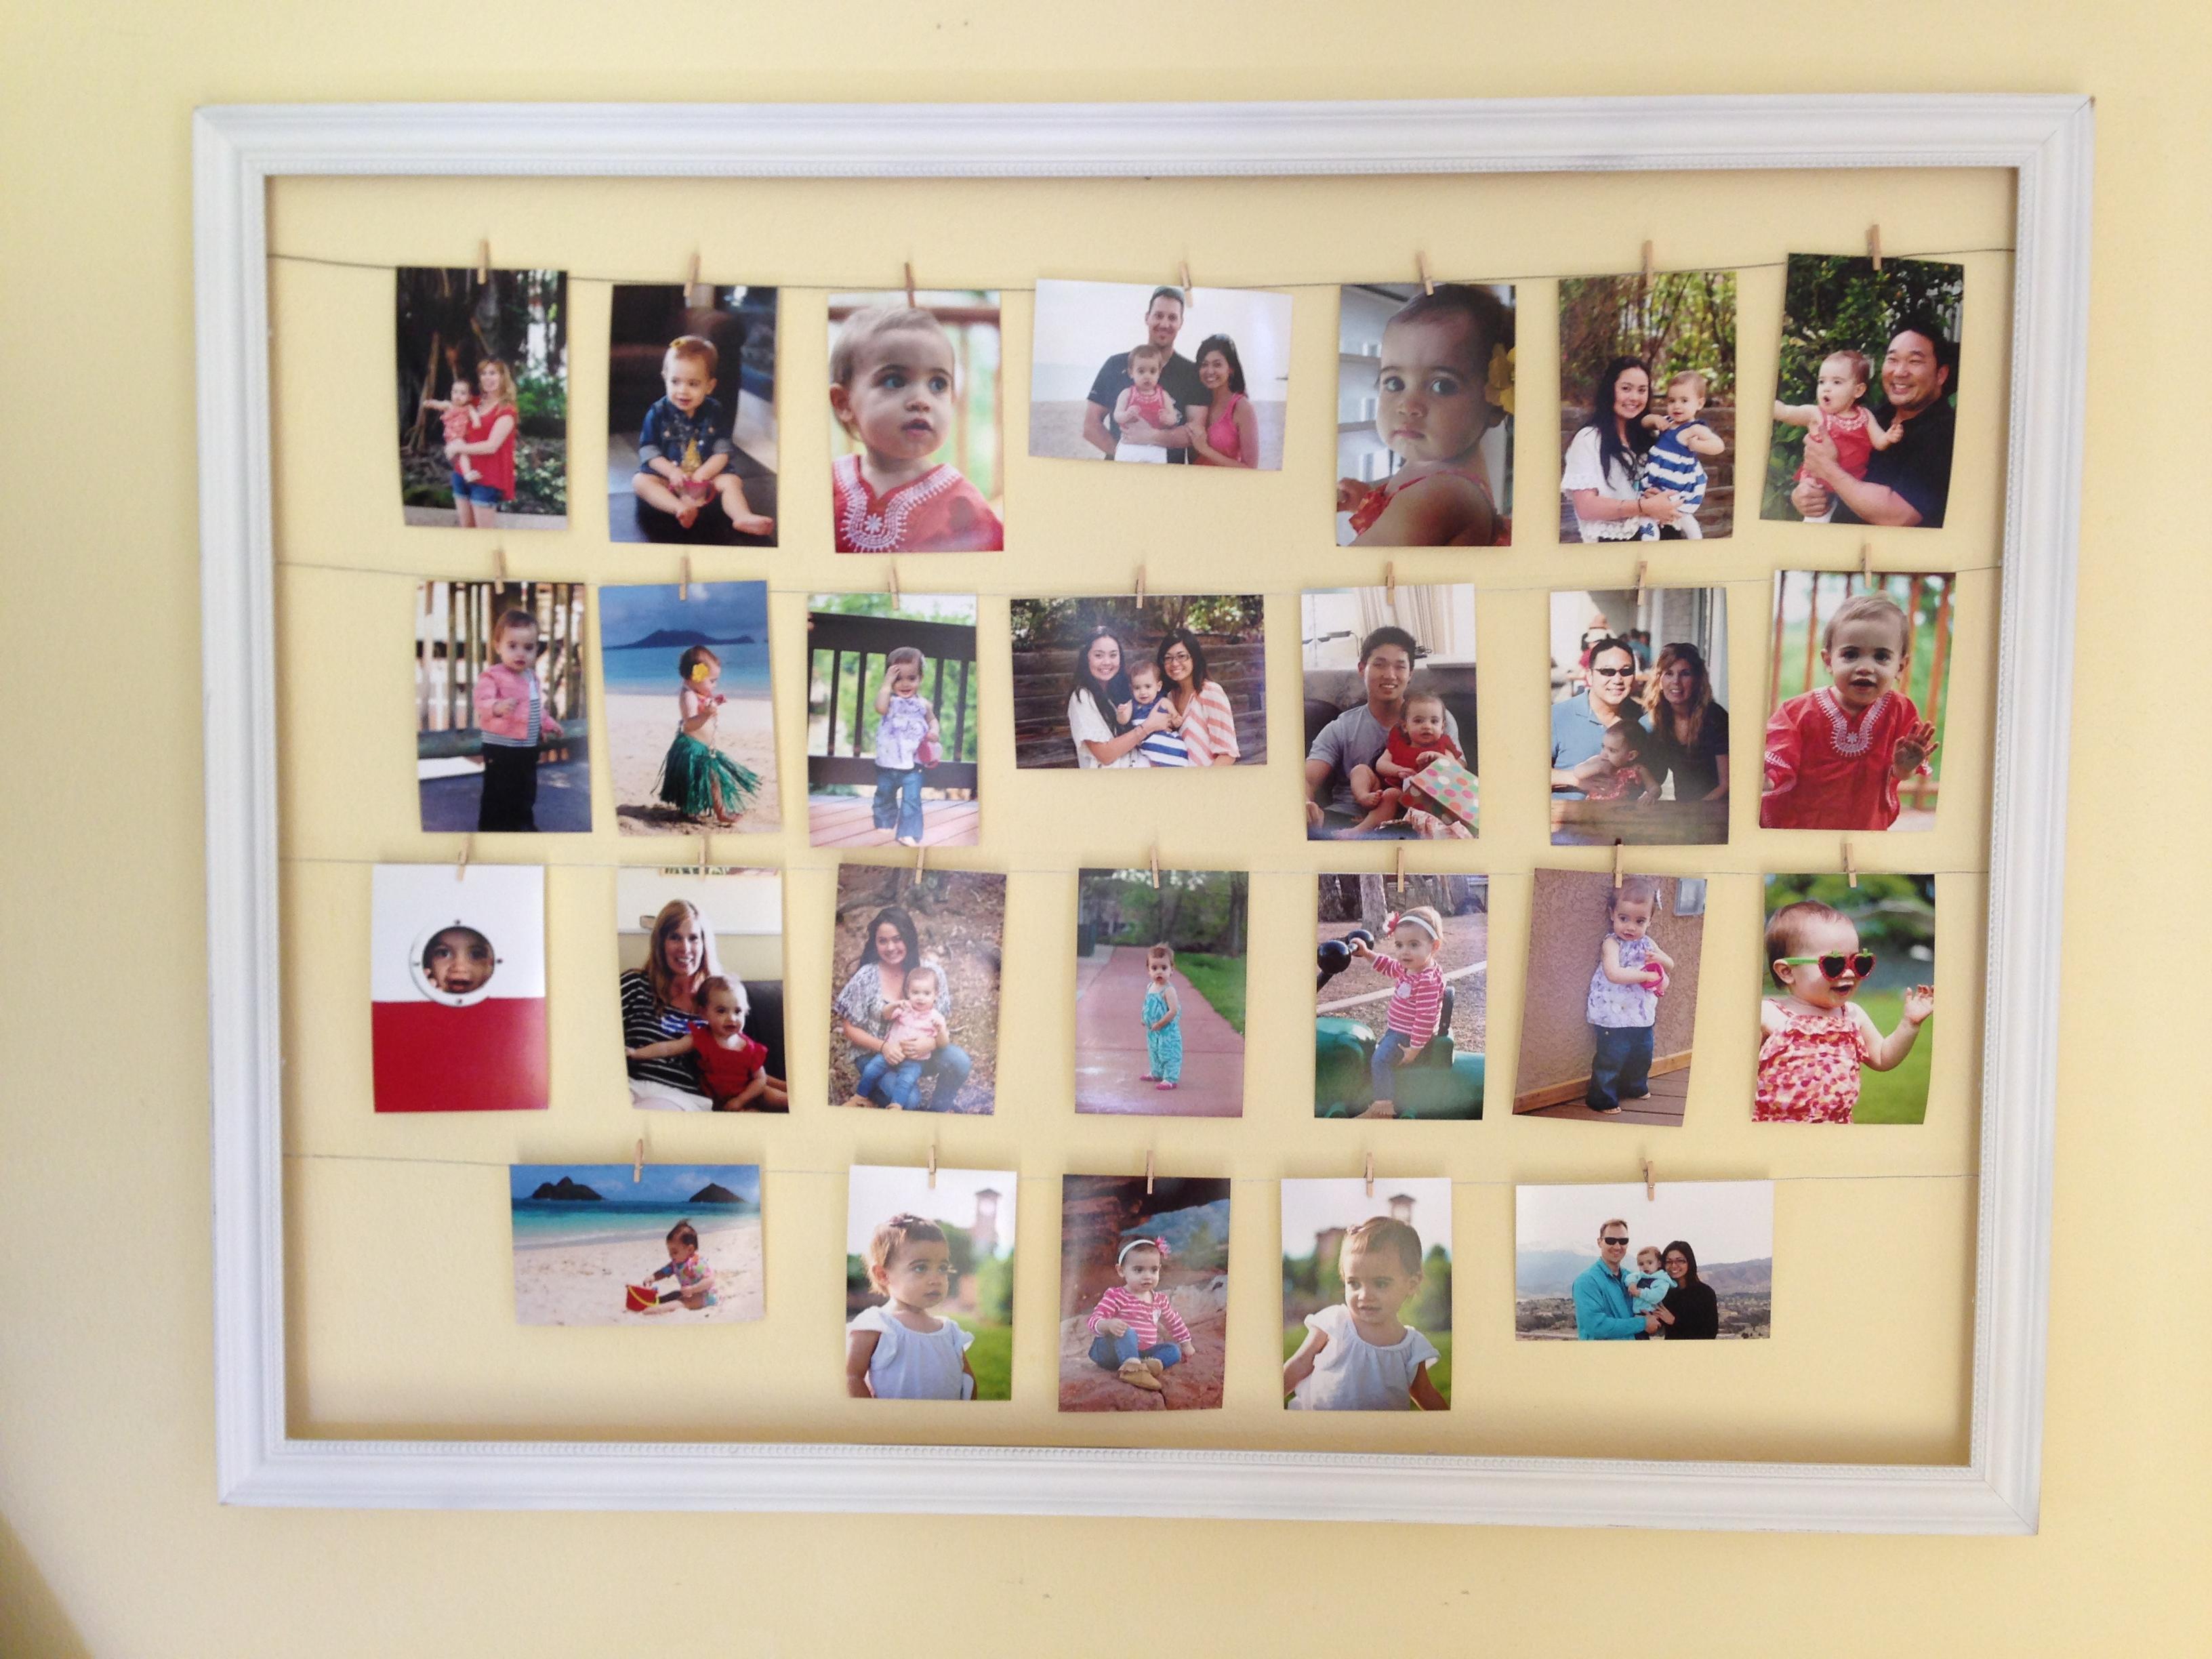 Как оформить фотографии в подарок в рамке Как оформить вышивку в рамку или багет? Узнайте у нас